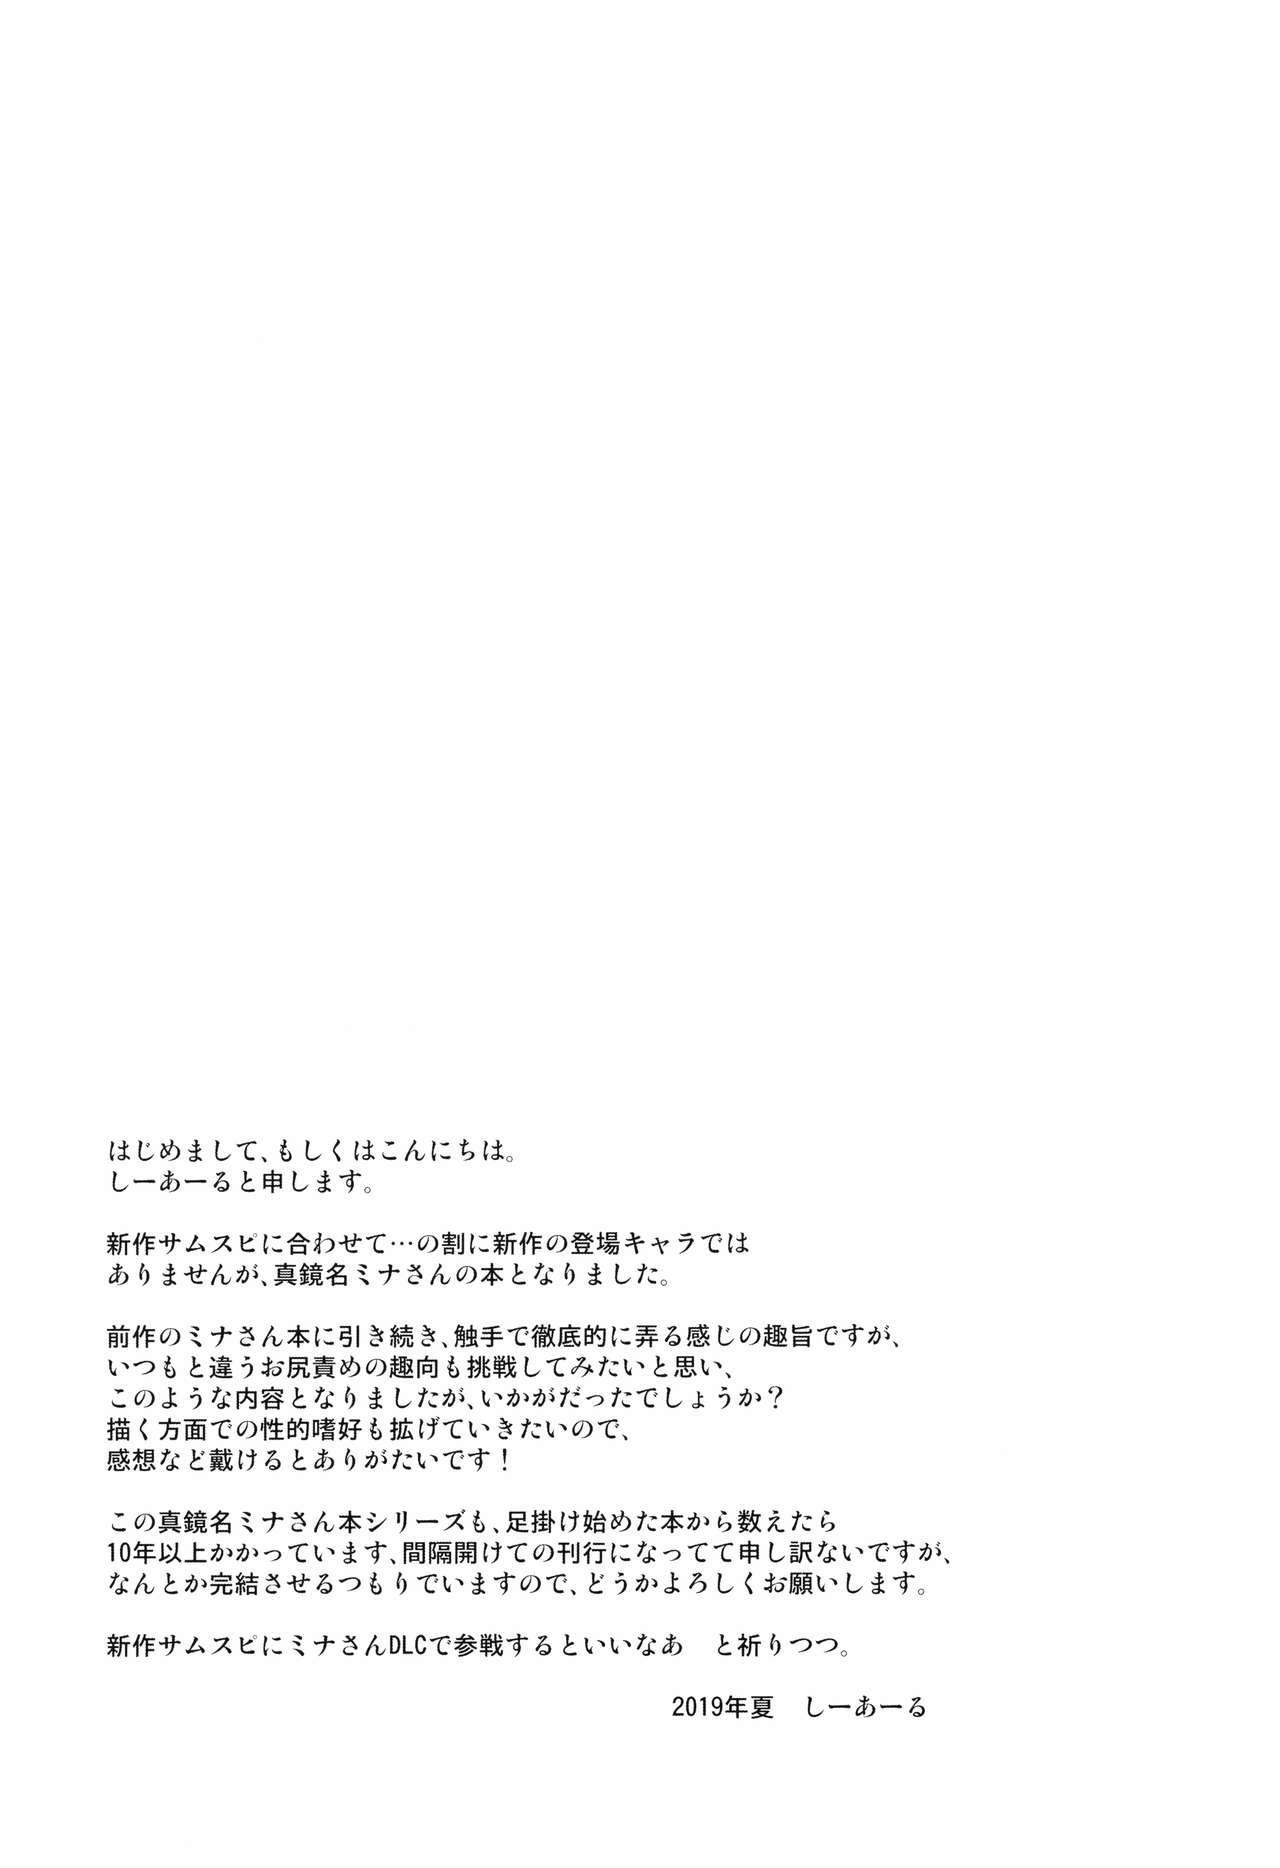 Aoshi no Kuon 20